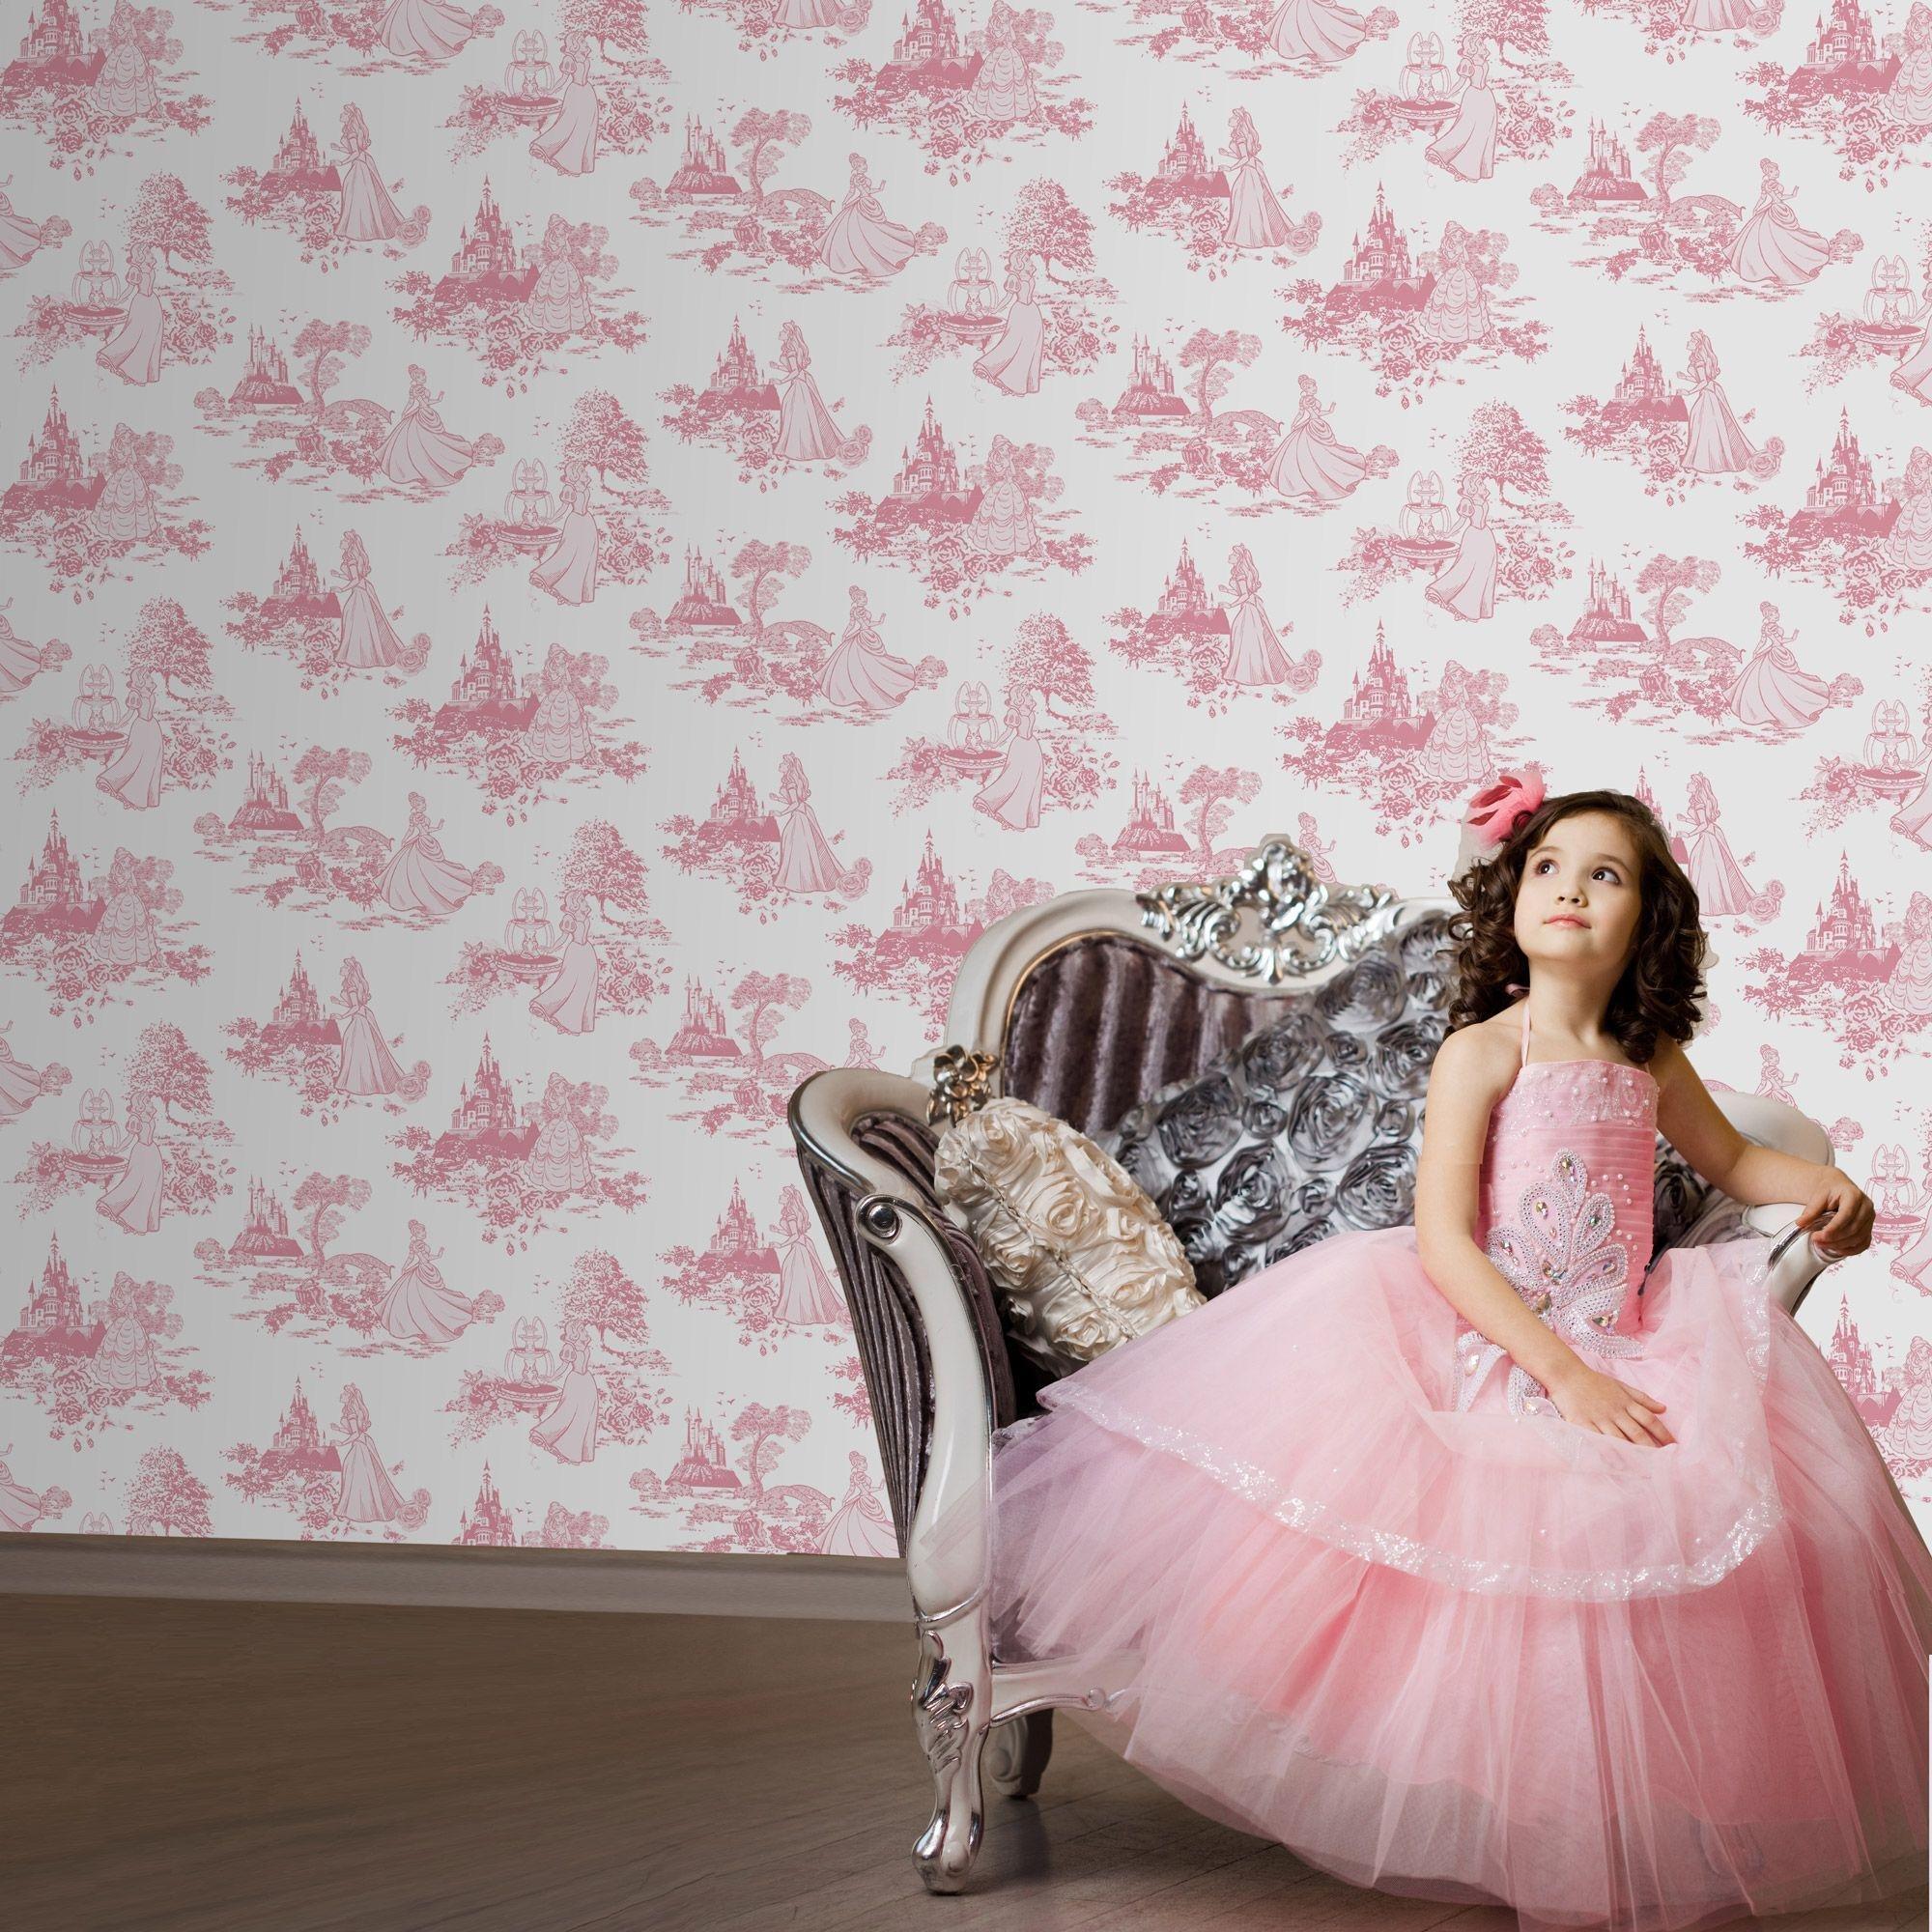 disney princess toile wallpaper sample  pink.